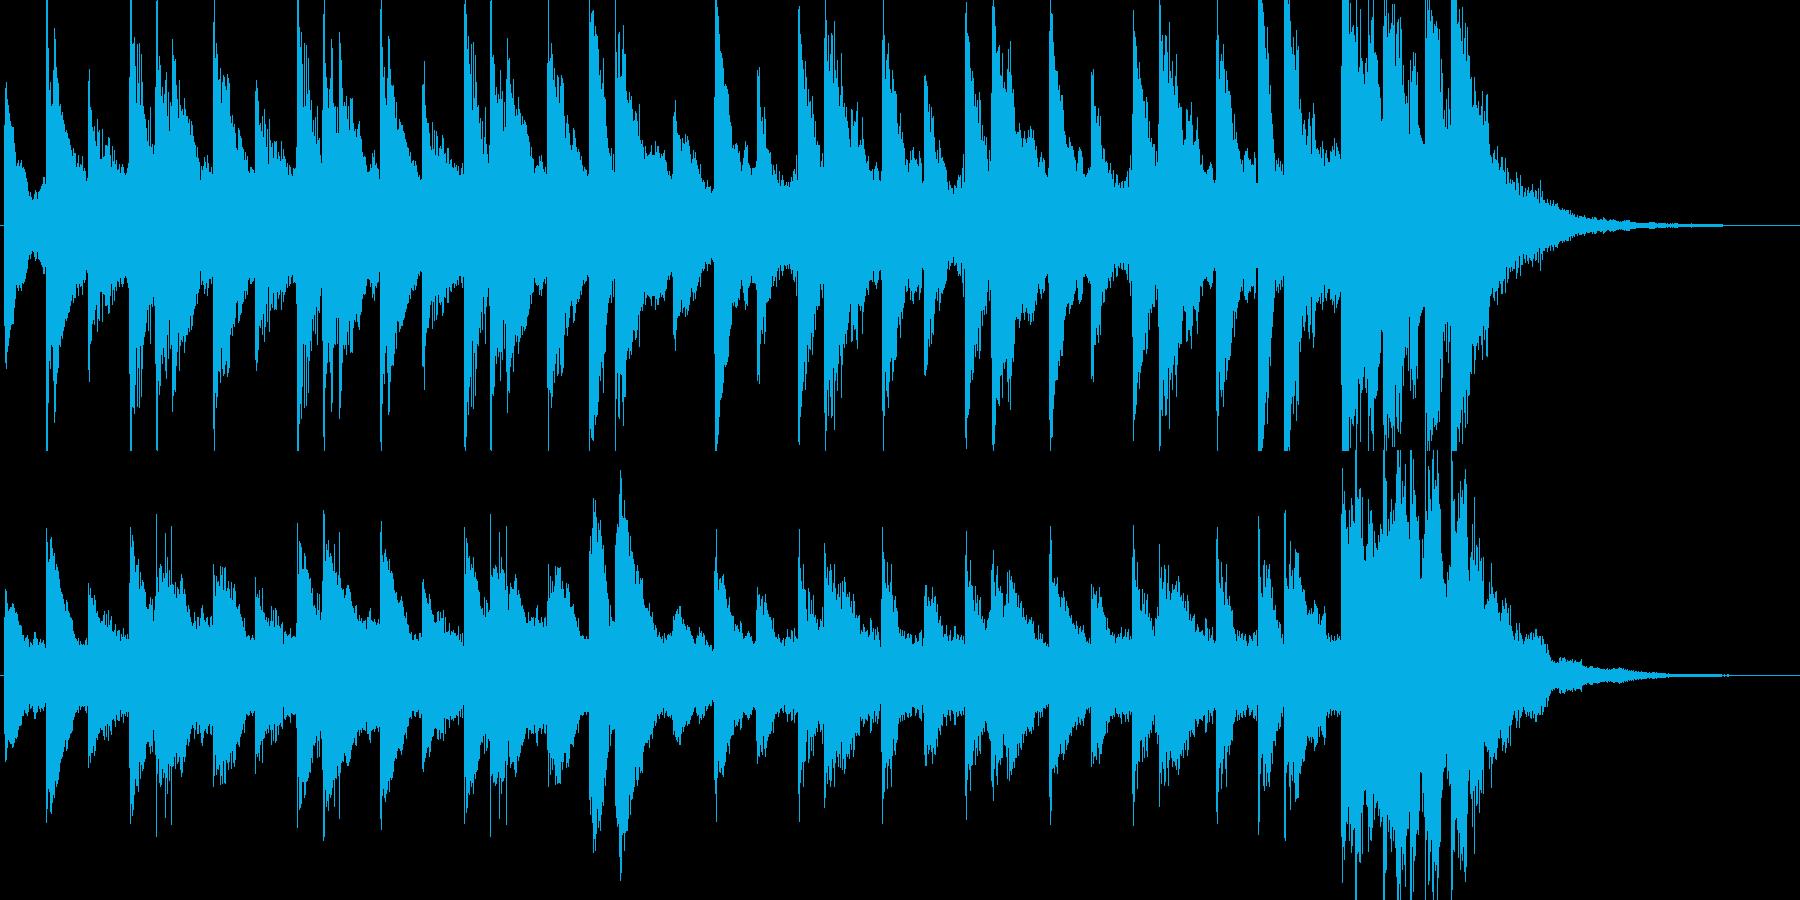 ちょっとけだるい雰囲気のピアノBGMの再生済みの波形